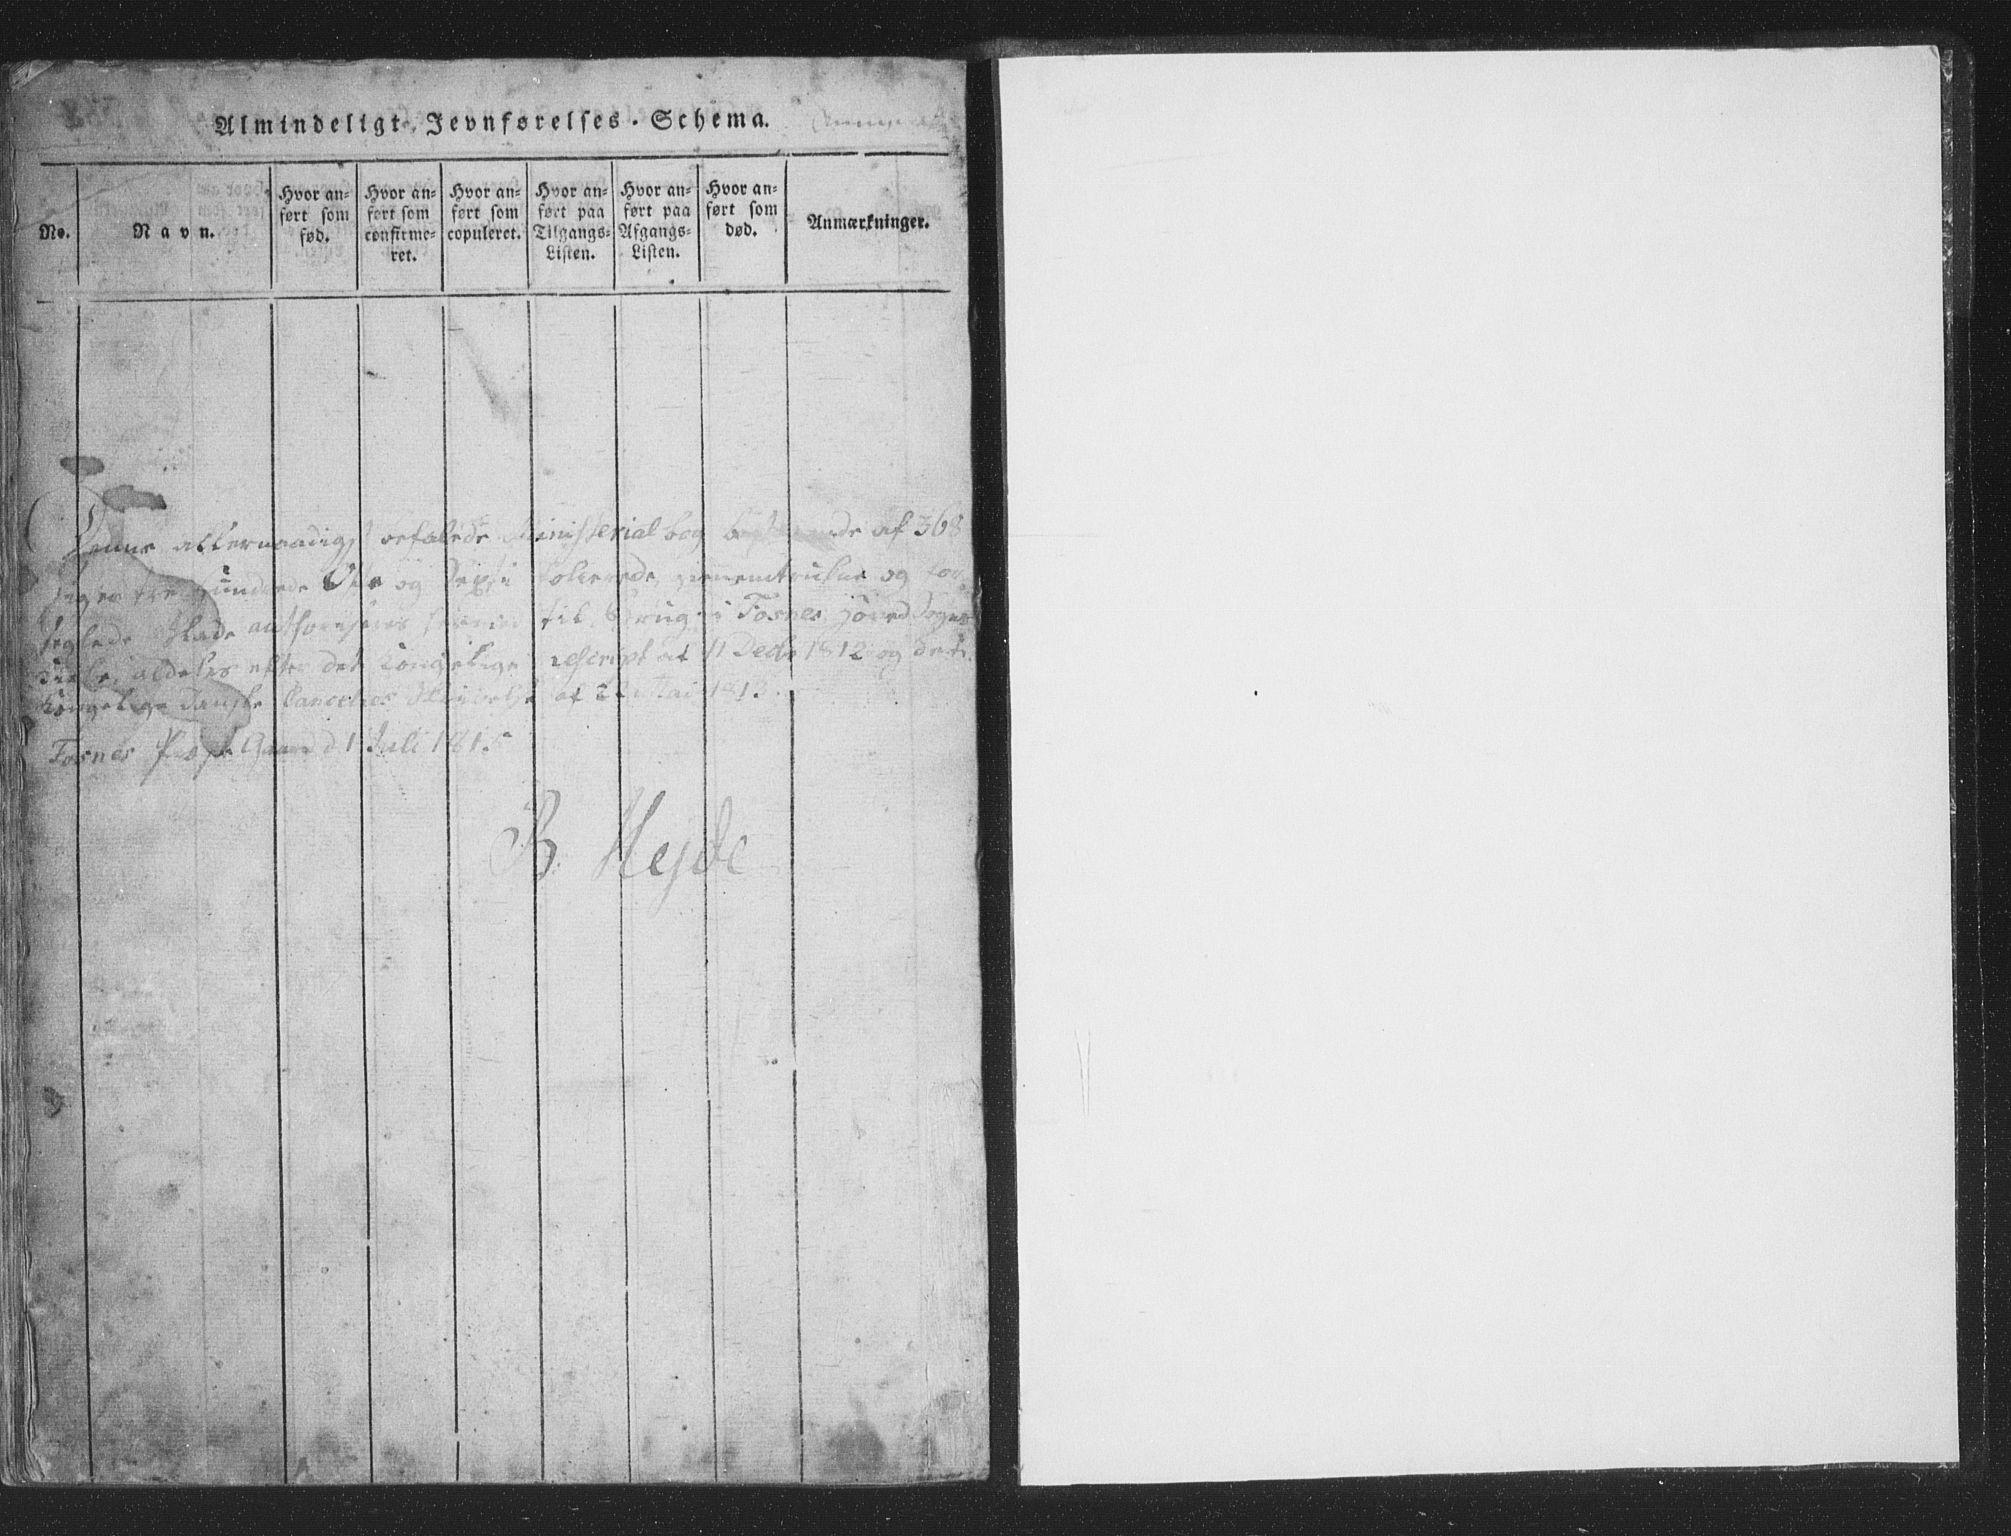 SAT, Ministerialprotokoller, klokkerbøker og fødselsregistre - Nord-Trøndelag, 773/L0613: Ministerialbok nr. 773A04, 1815-1845